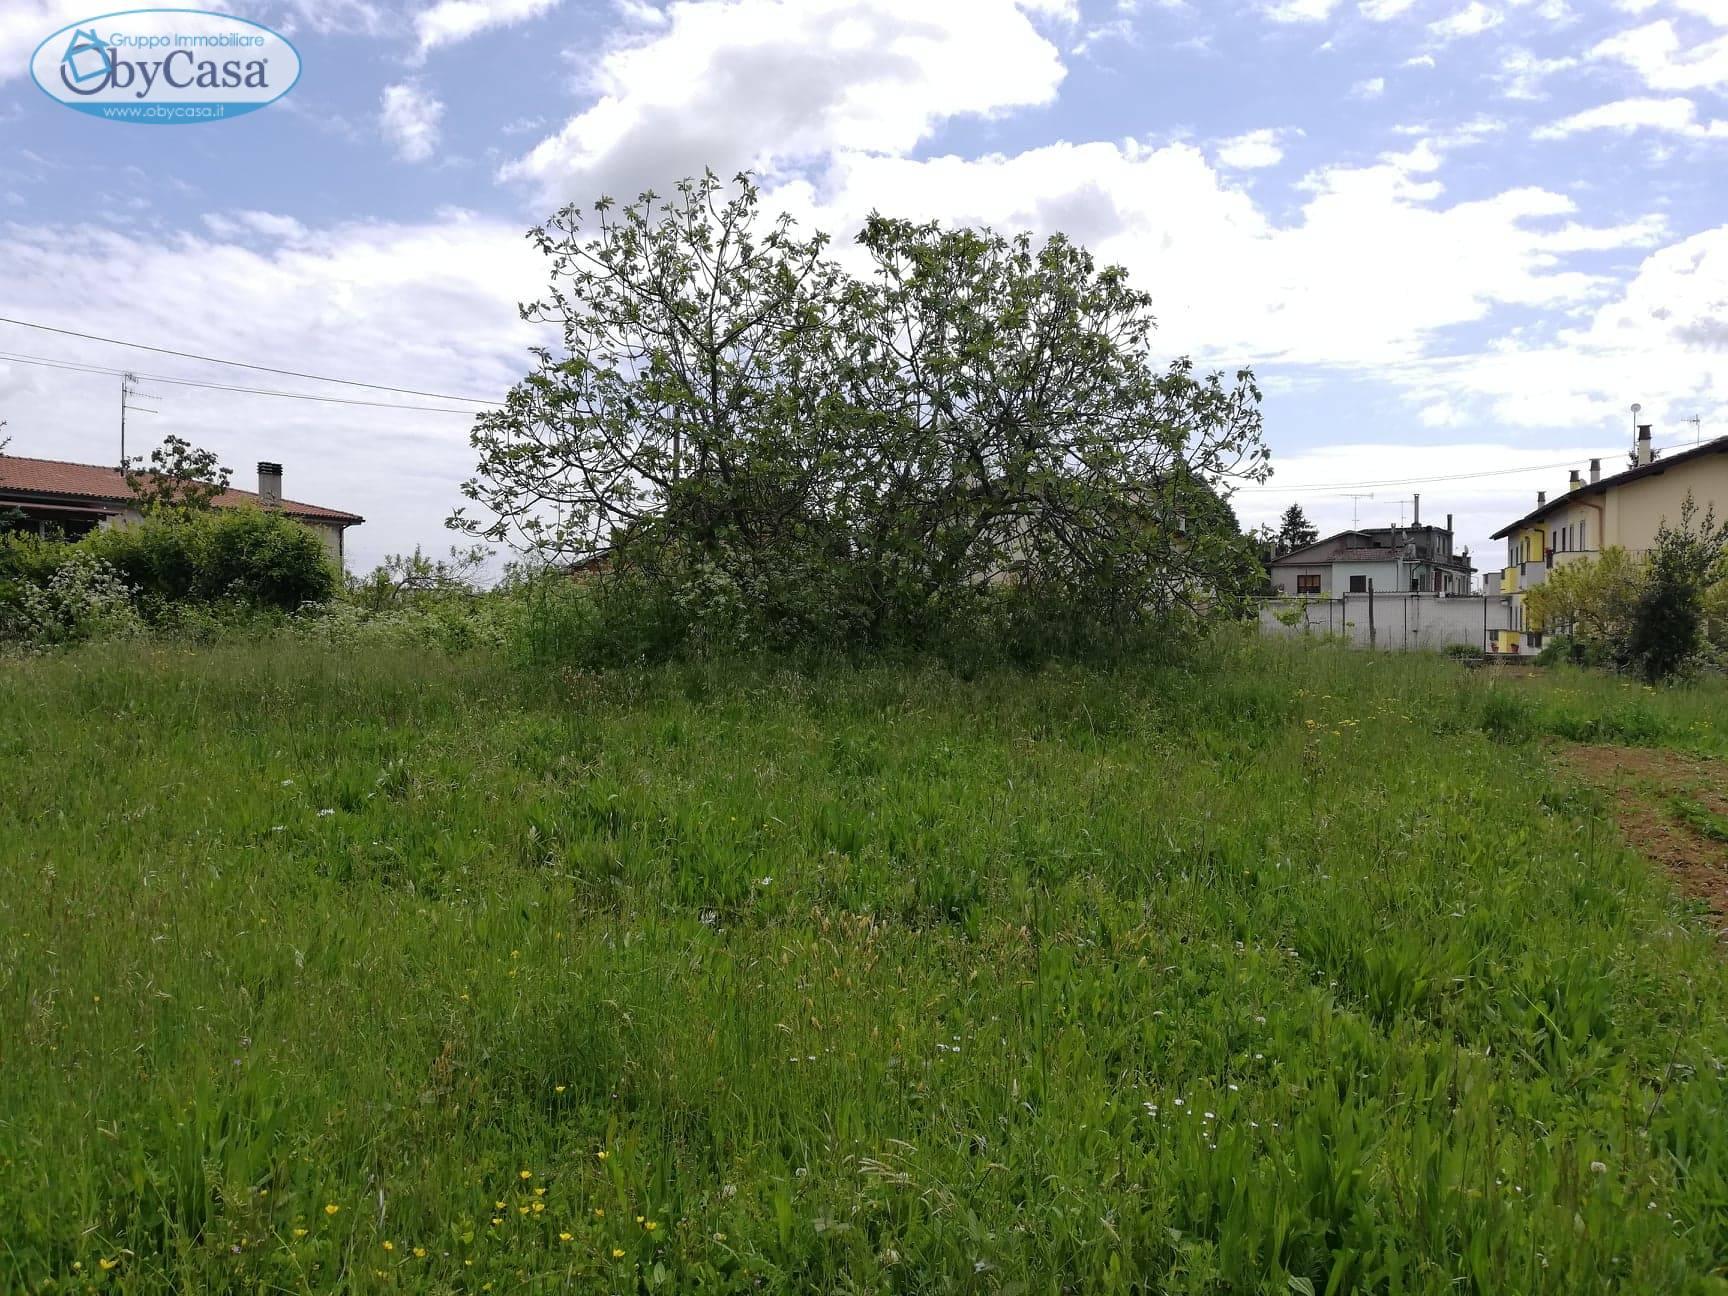 Terreno Edificabile Residenziale in vendita a Bassano Romano, 9999 locali, zona Località: bassanoromano, prezzo € 42.000 | CambioCasa.it